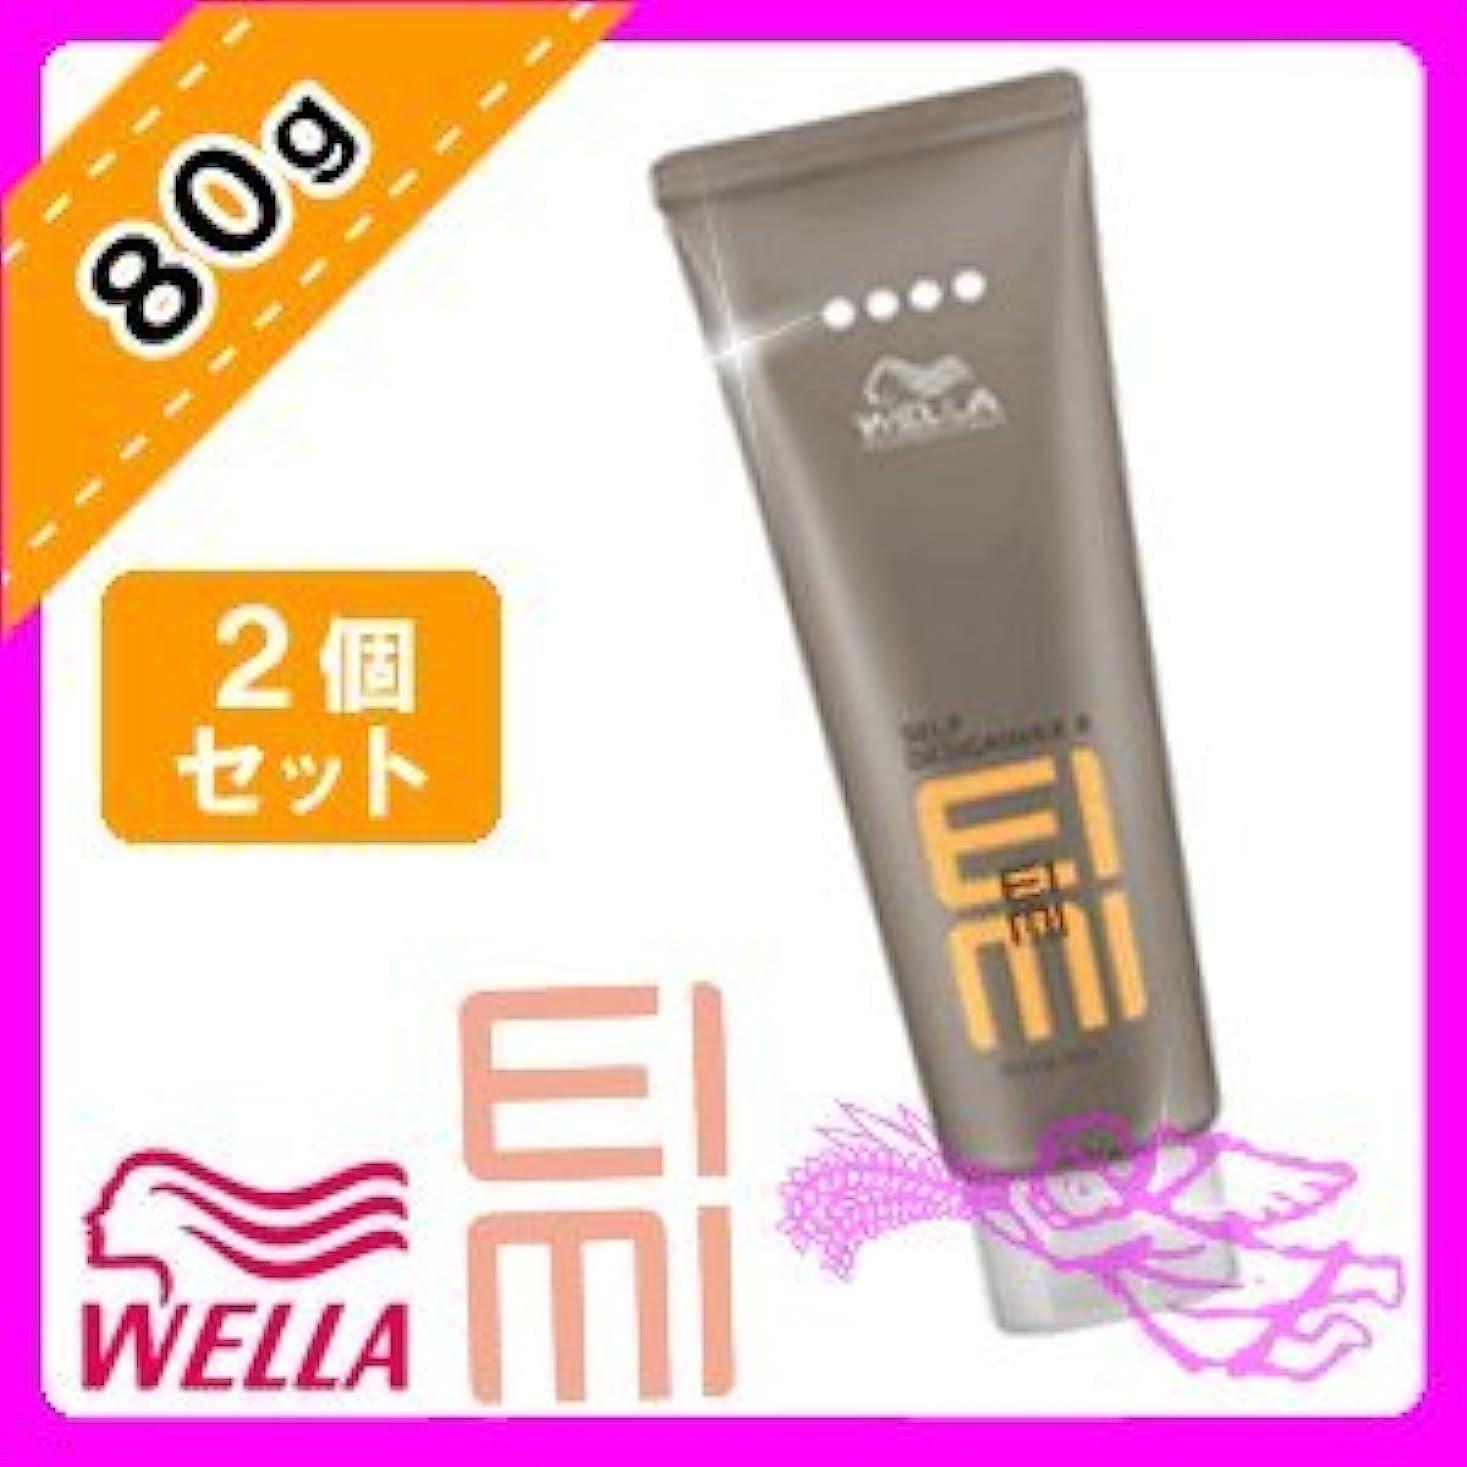 違う選ぶ司書ウエラ EIMI(アイミィ) セルフデザインワックス4 80g ×2個 セット WELLA P&G